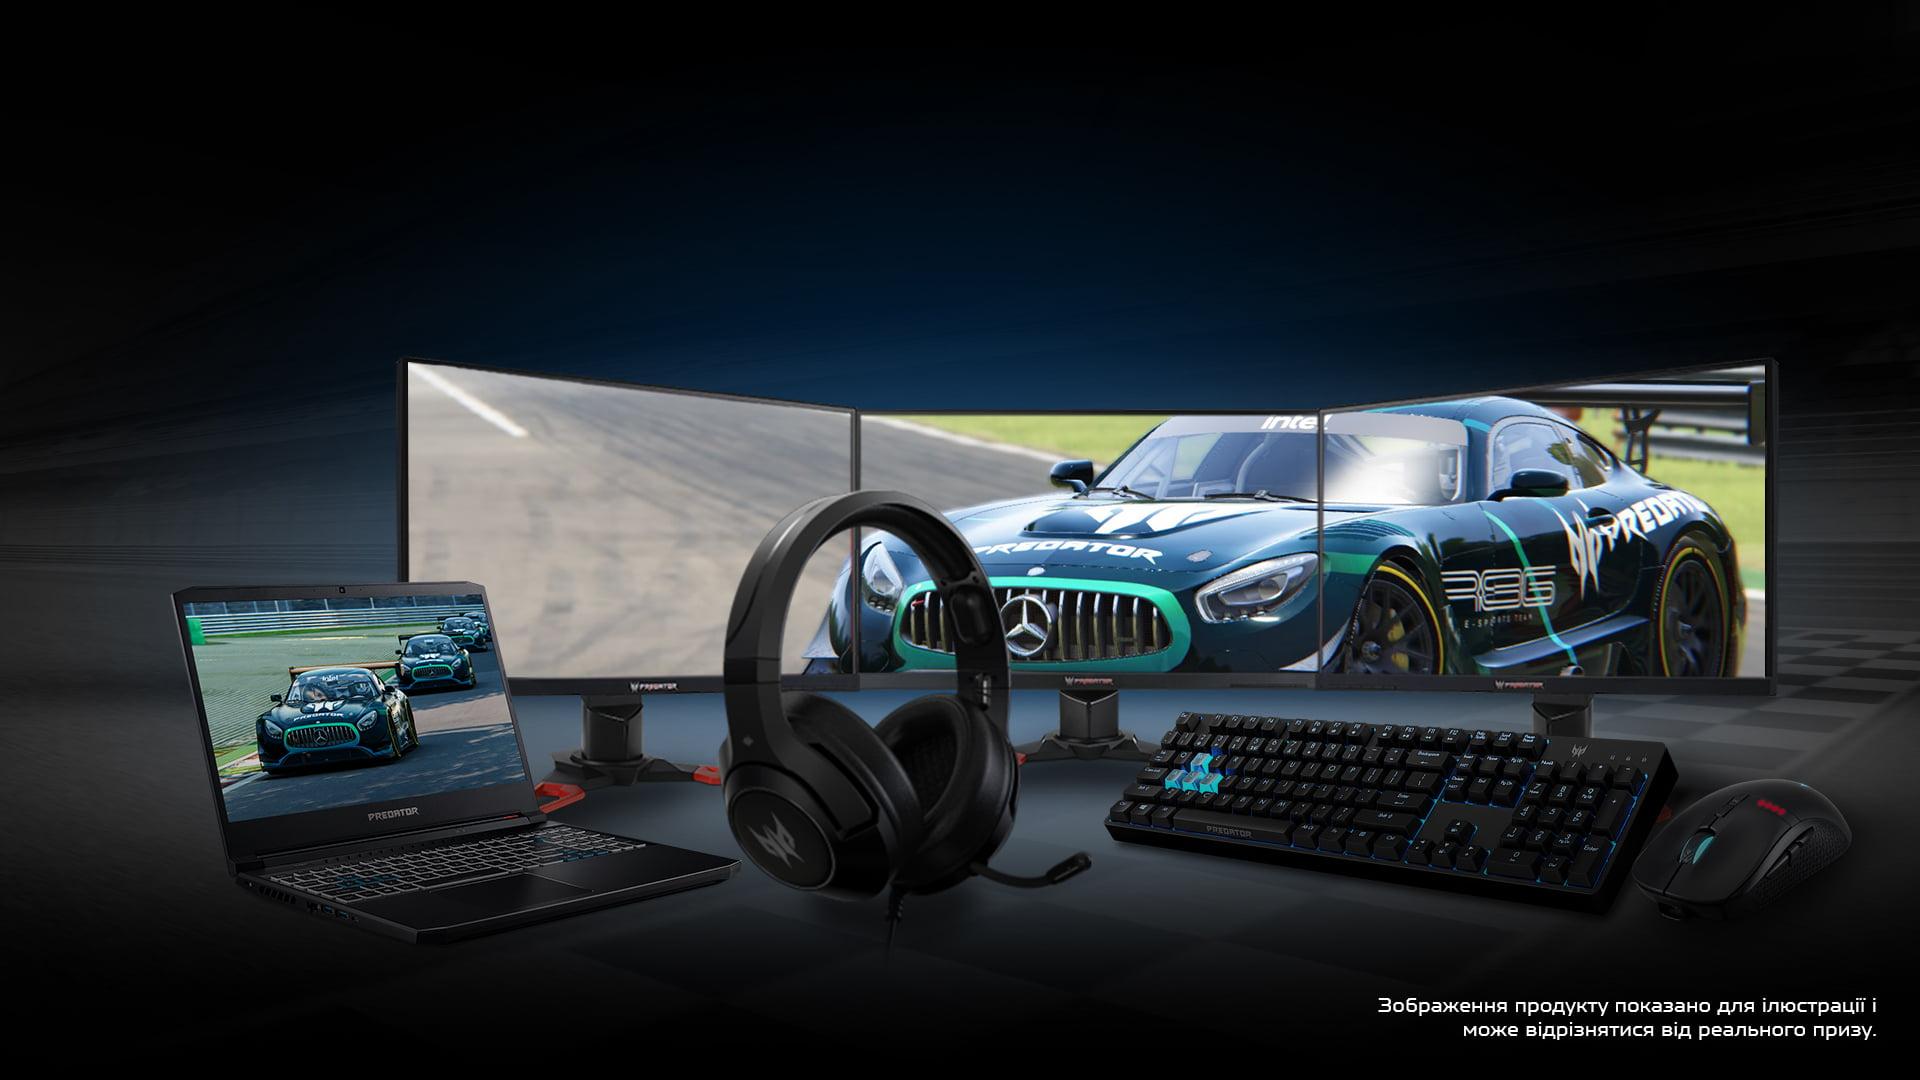 Predator Sim Racing Cup 2021